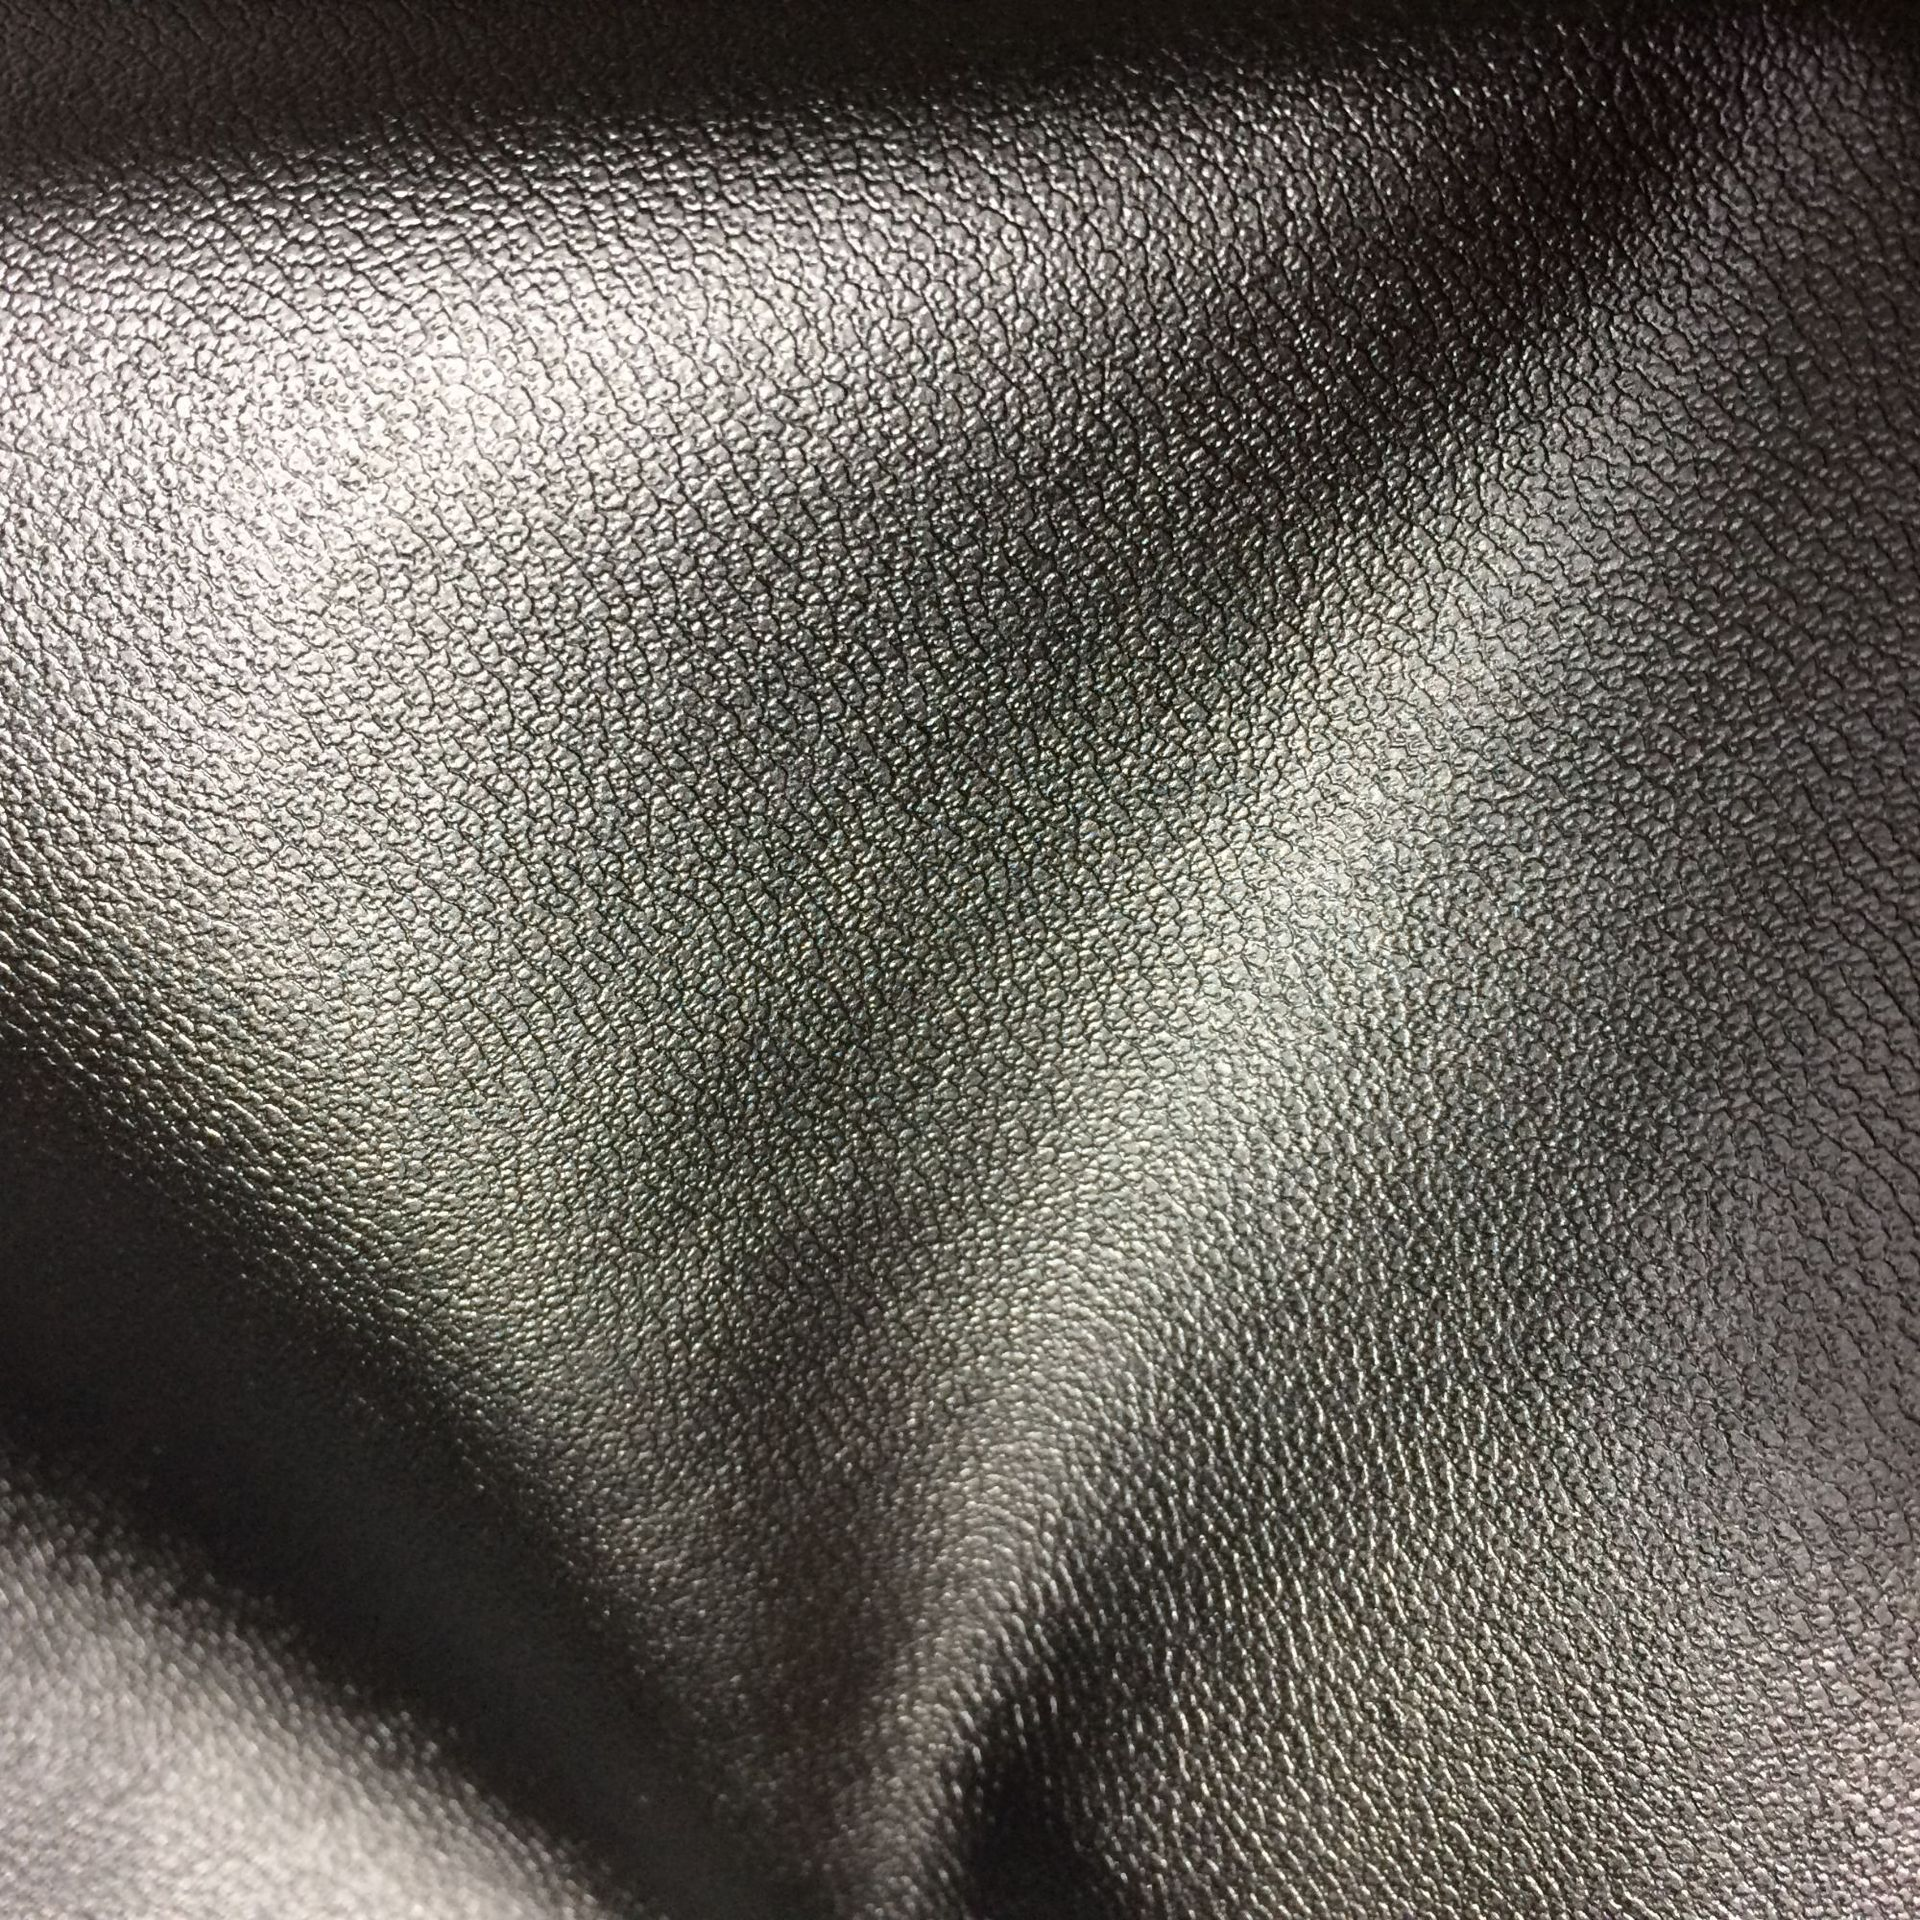 Nhà máy trực tiếp quần áo trang trí viền với cừu đen mô hình B40 mô hình dưới vi đàn hồi mềm PU da t